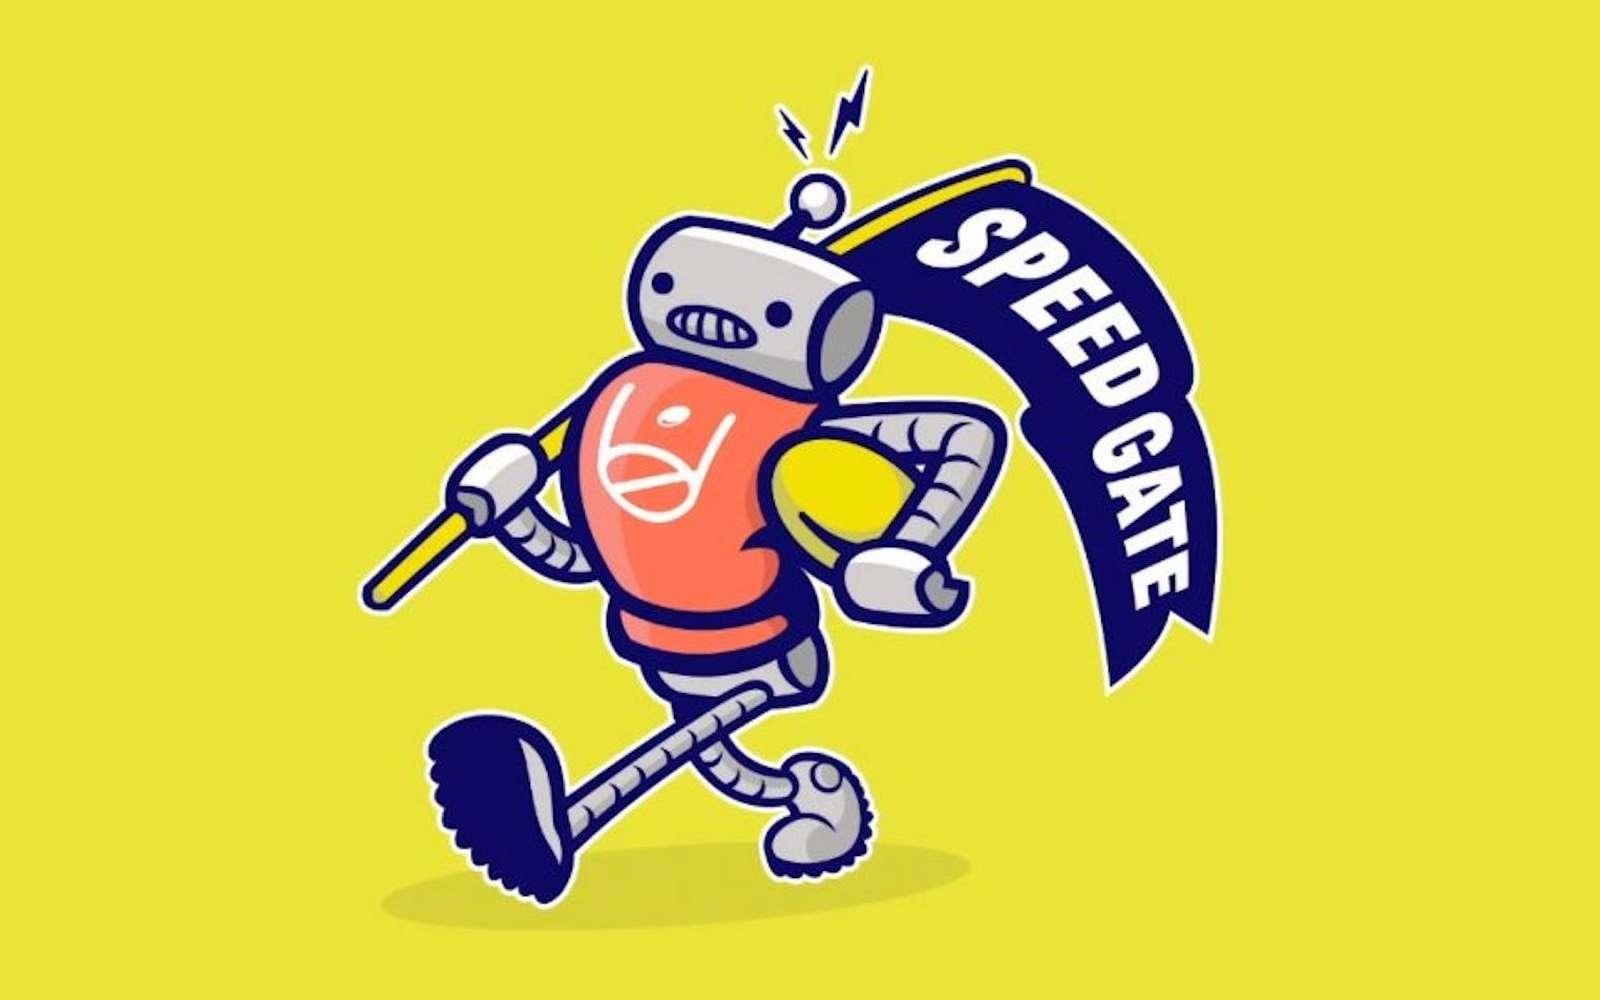 L'IA s'est inspirée de plus de 15.000 logos sportifs existants pour créer son propre logo. © AKQA